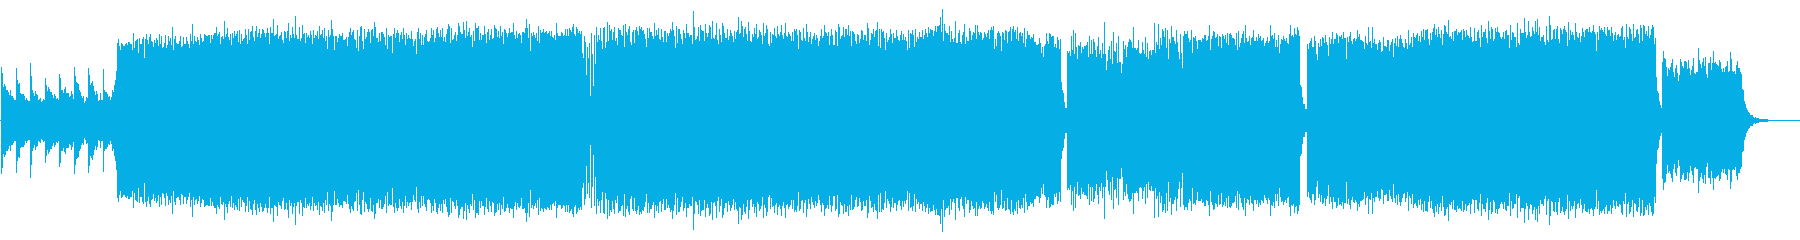 元気が出る楽しいEDMポップスの再生済みの波形